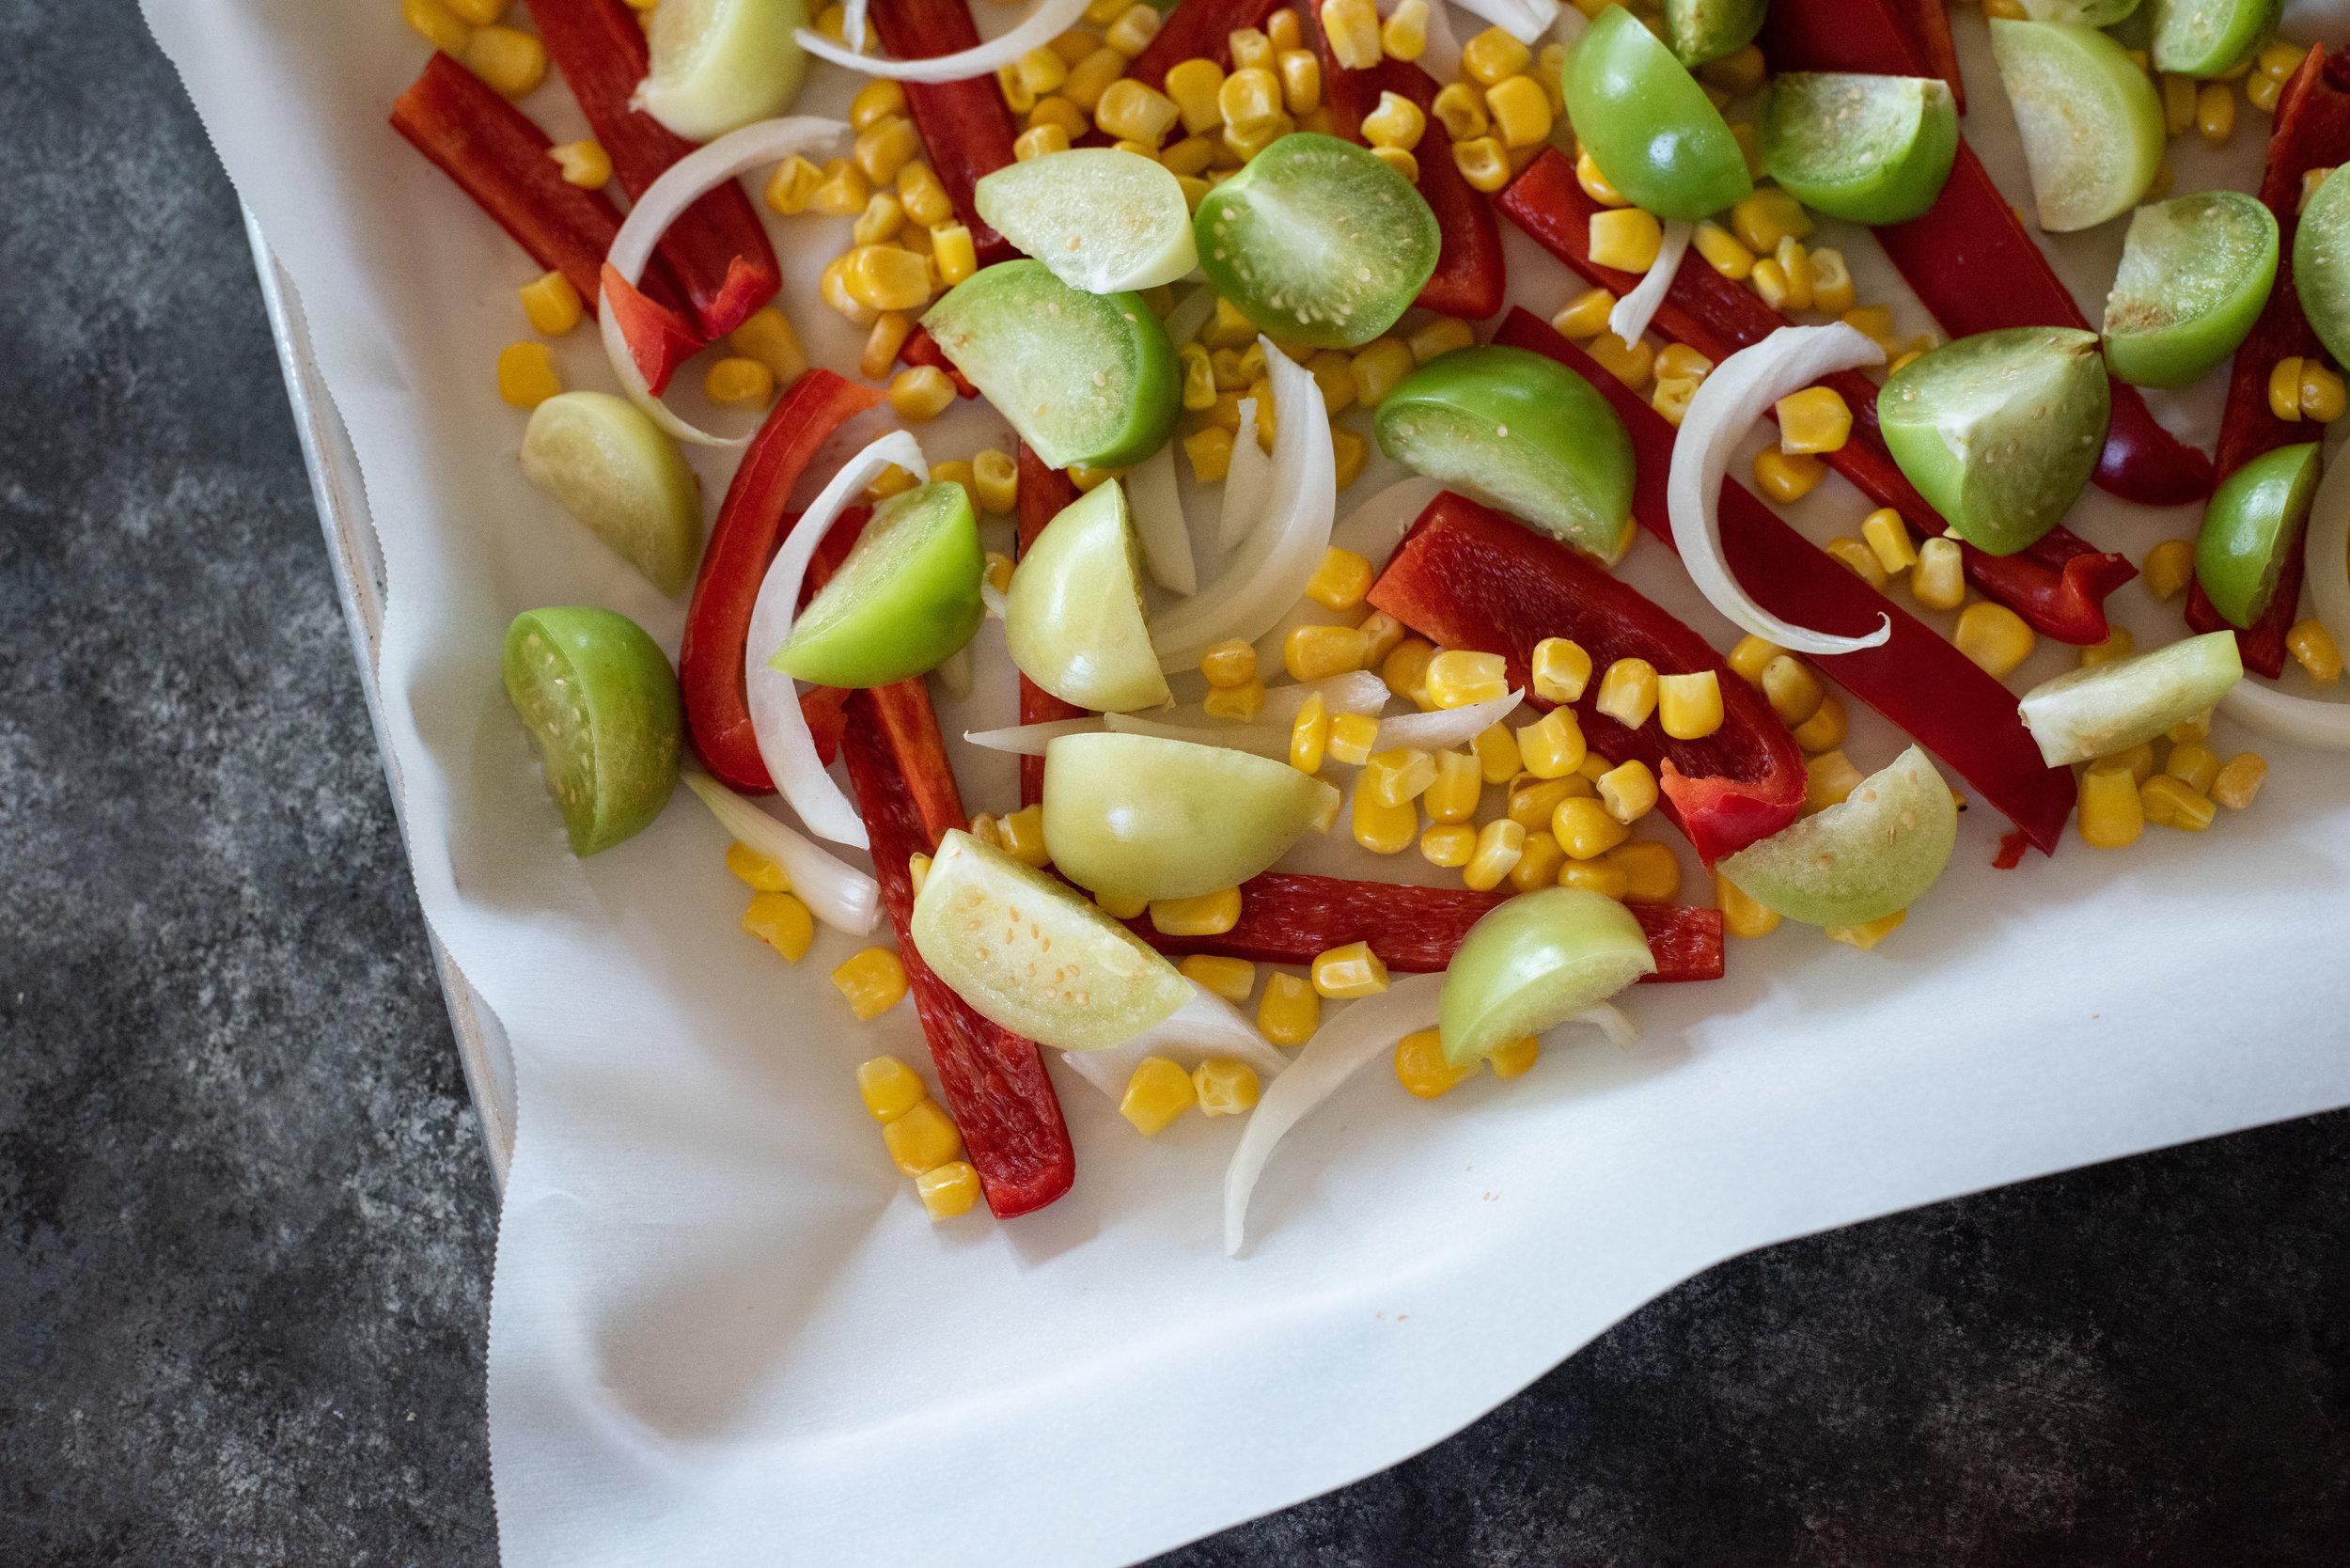 Knorr One Skillet meal vegetables